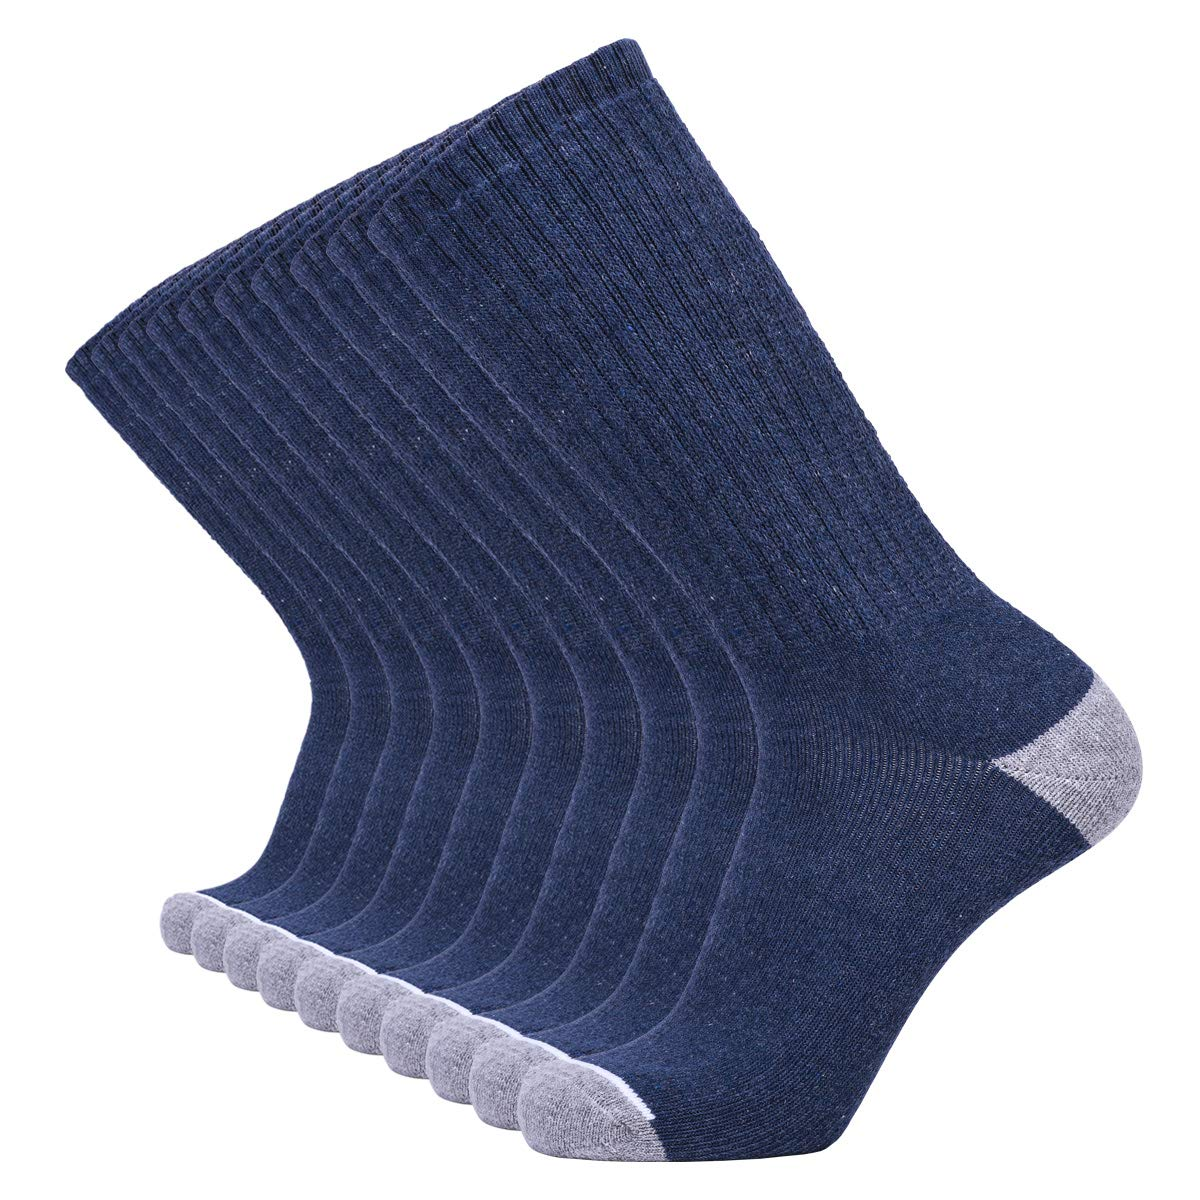 Enerwear 10P Pack Men's Cotton Moisture Wicking Extra Heavy Cushion Crew Socks (10-13/shoe size 6-12, Dark Jean Blue) by Enerwear